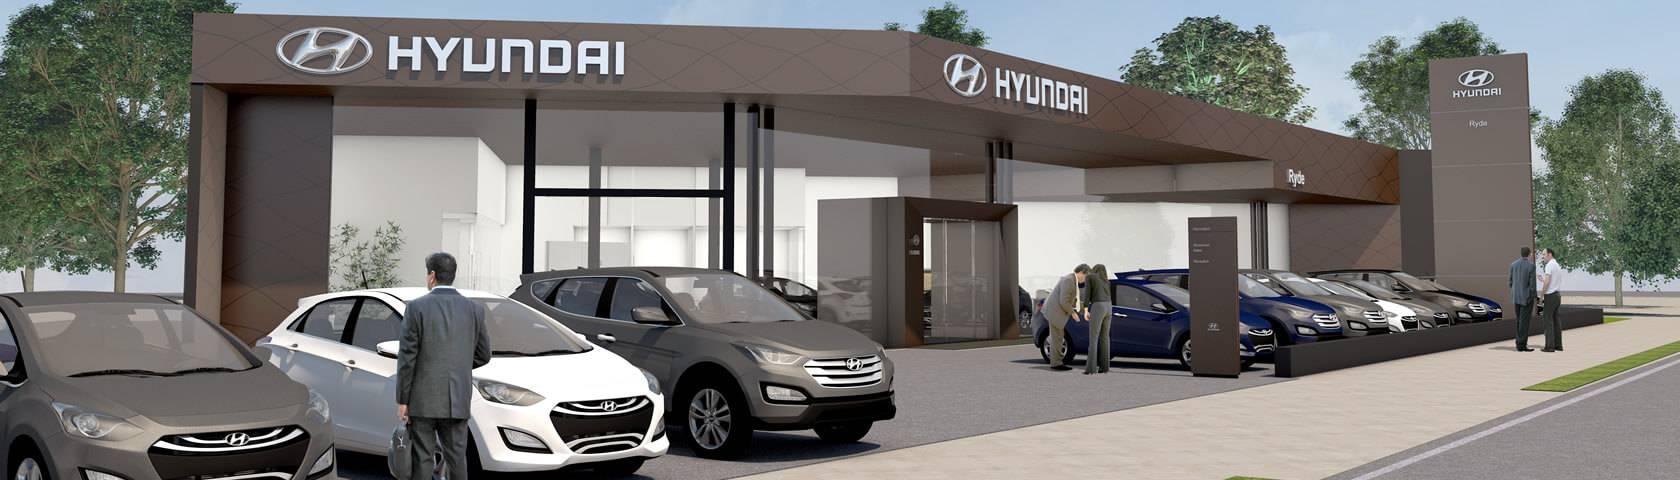 Ryde Hyundai Relocation